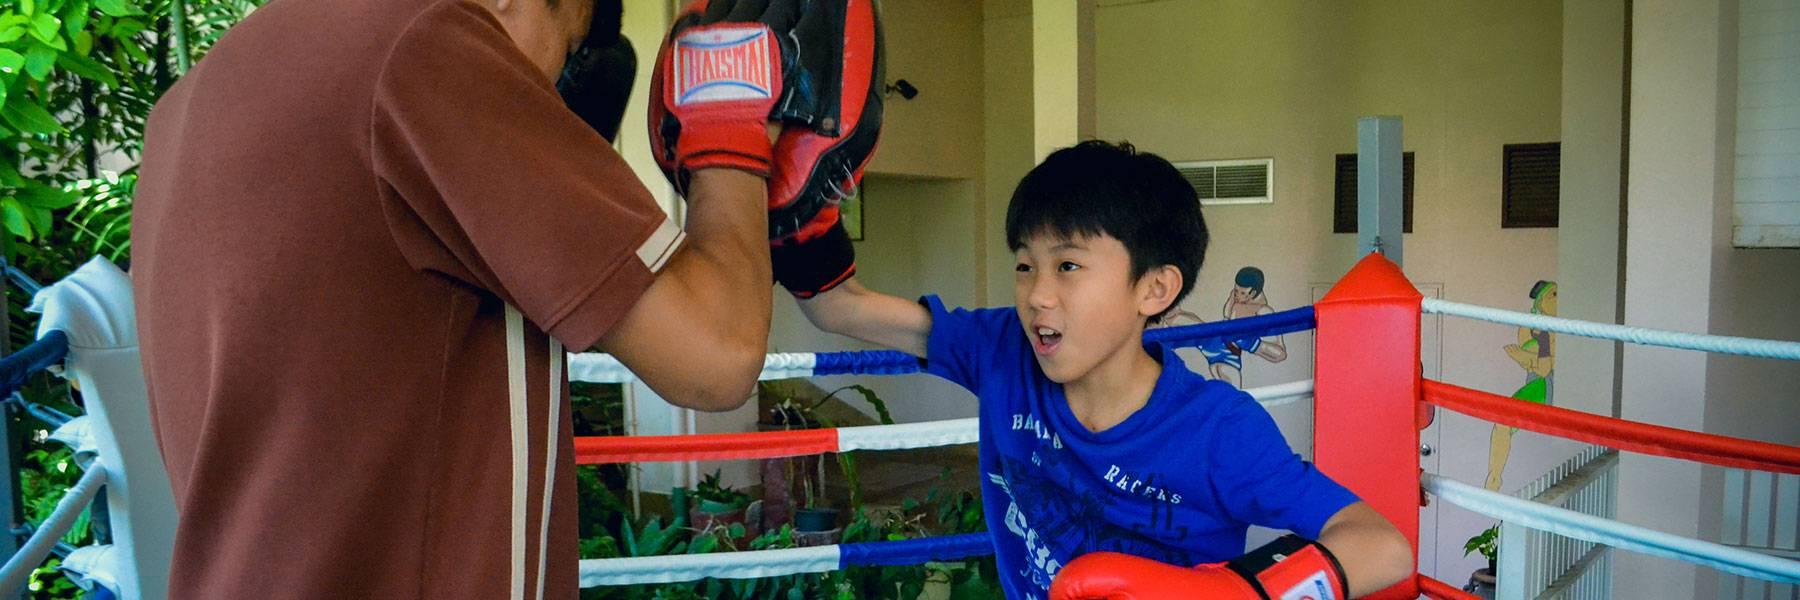 kids-thai-boxing